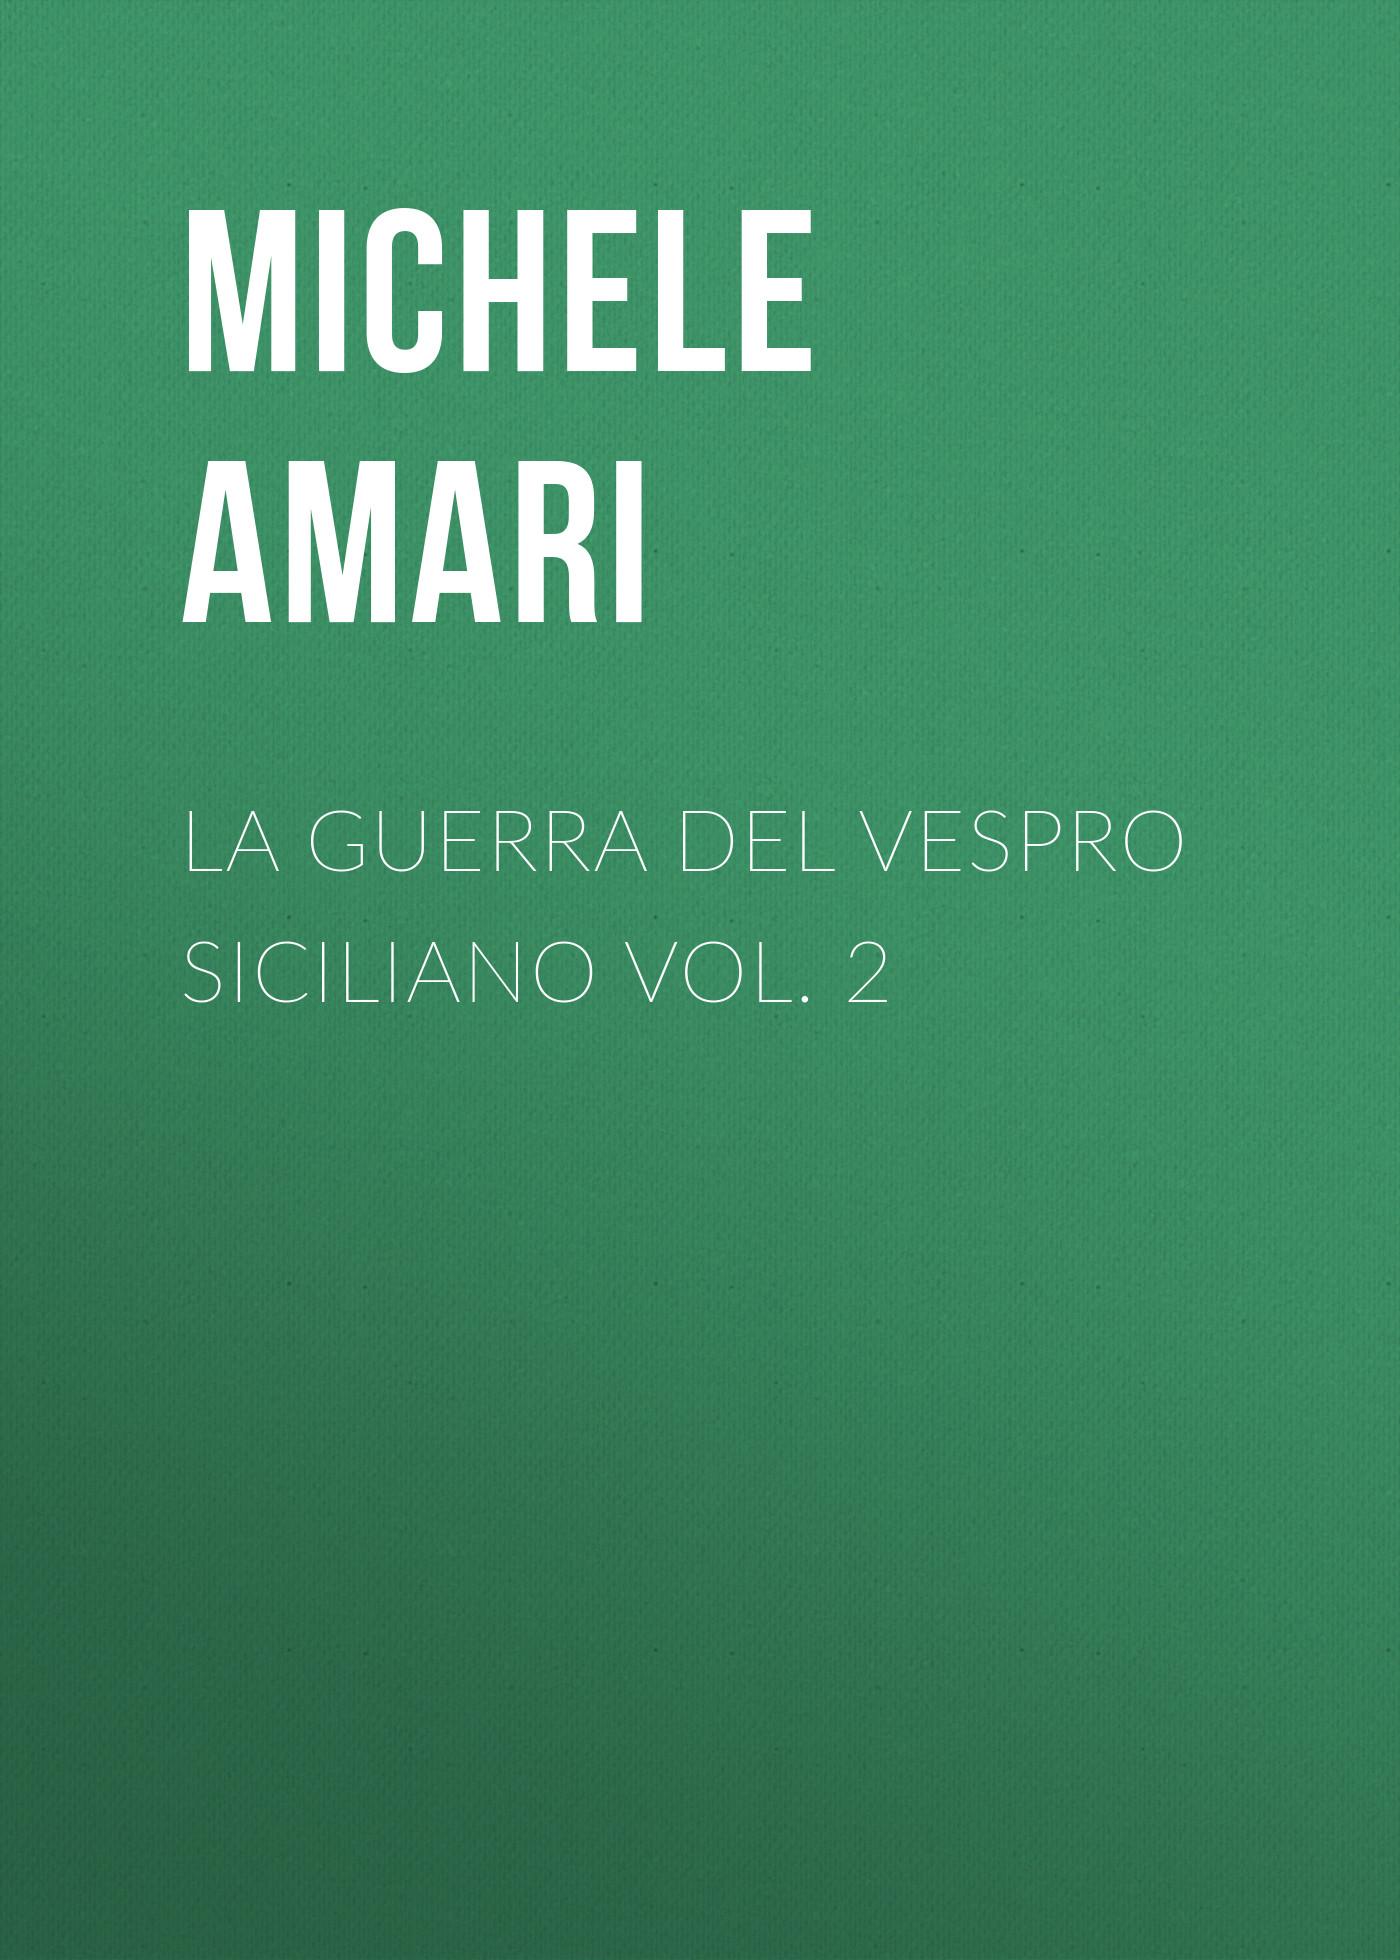 Amari Michele La guerra del Vespro Siciliano vol. 2 antonio cánovas del castillo obras vol 2 estudios del reinado de felipe iv classic reprint